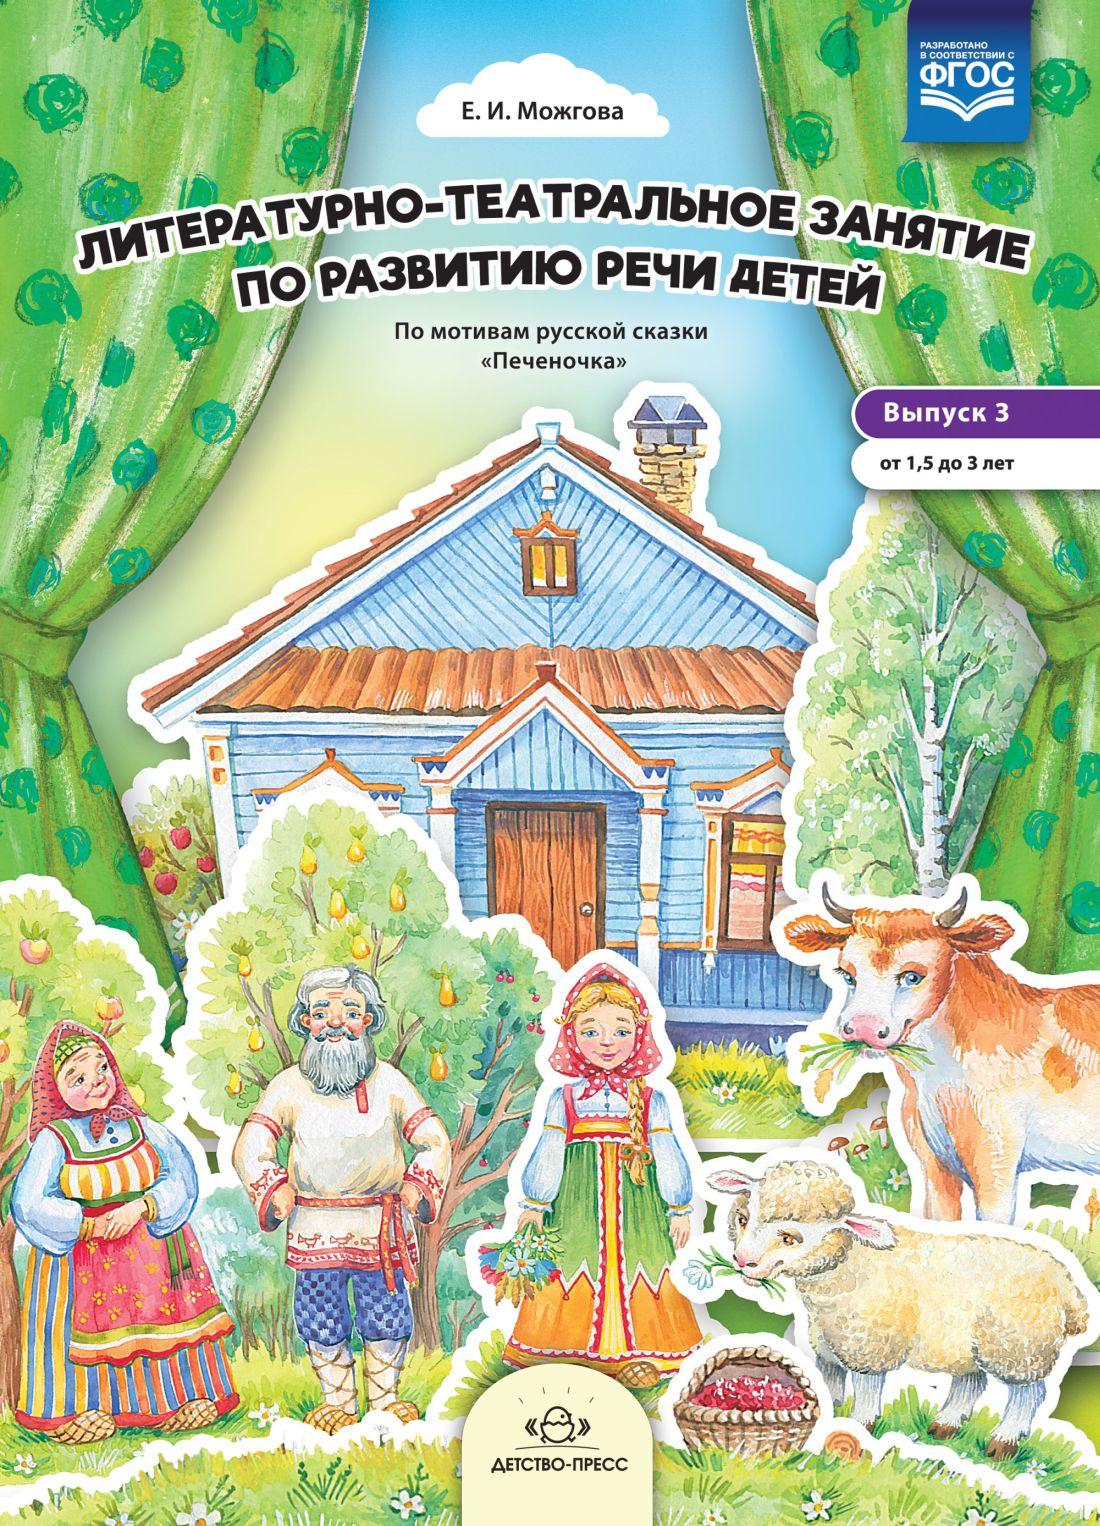 Литературно-театральное занятие по развитию речи детей. Вып. 3. От 1,5 до 3 лет ФГОС